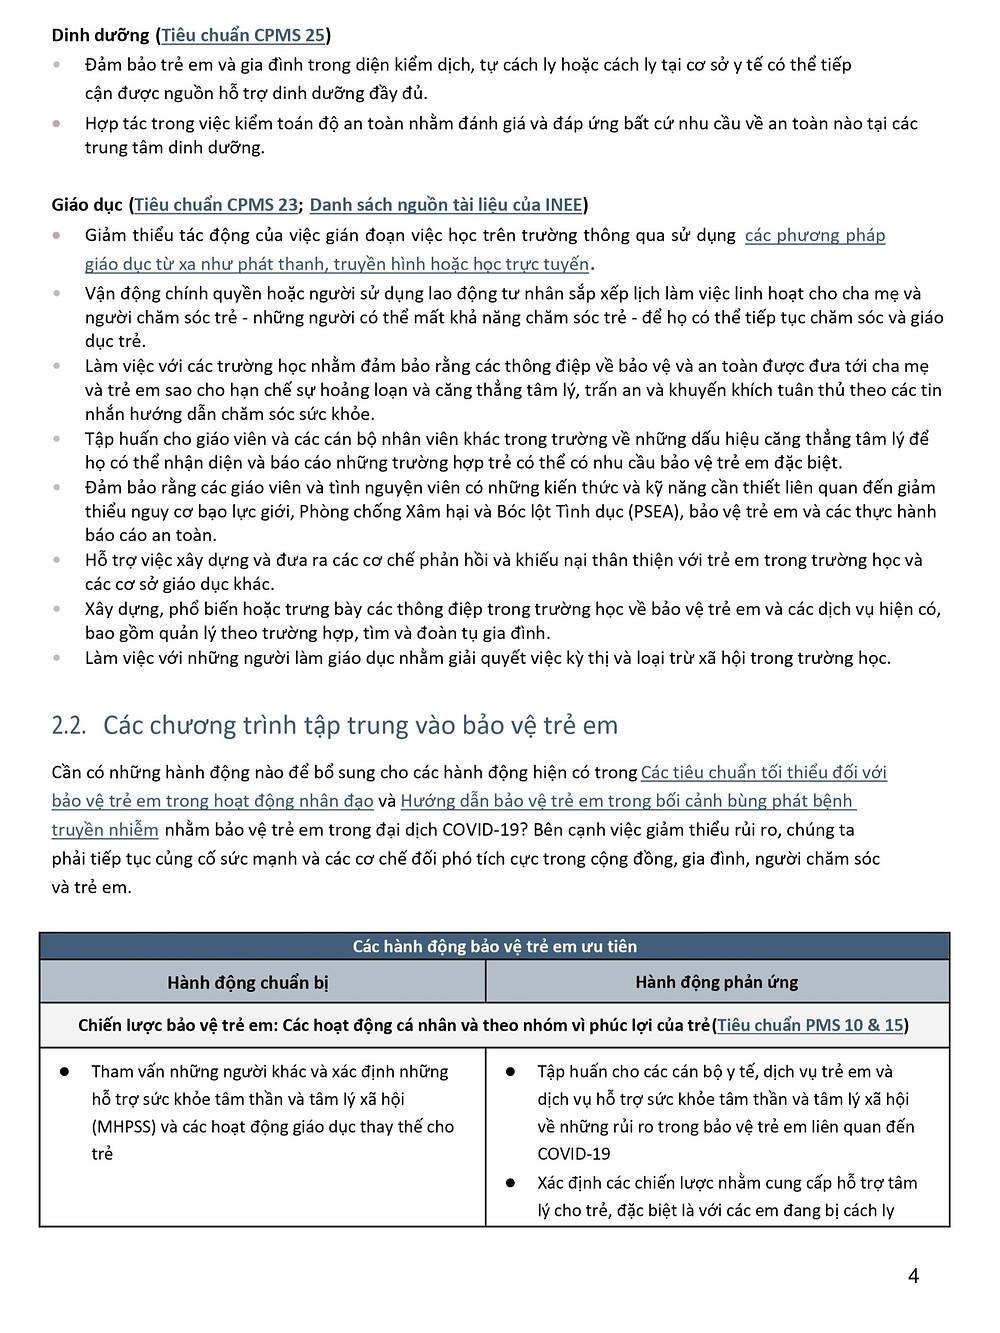 Tóm tắt tài liệu Bảo vệ Trẻ em trong đại dịch Coronavirus